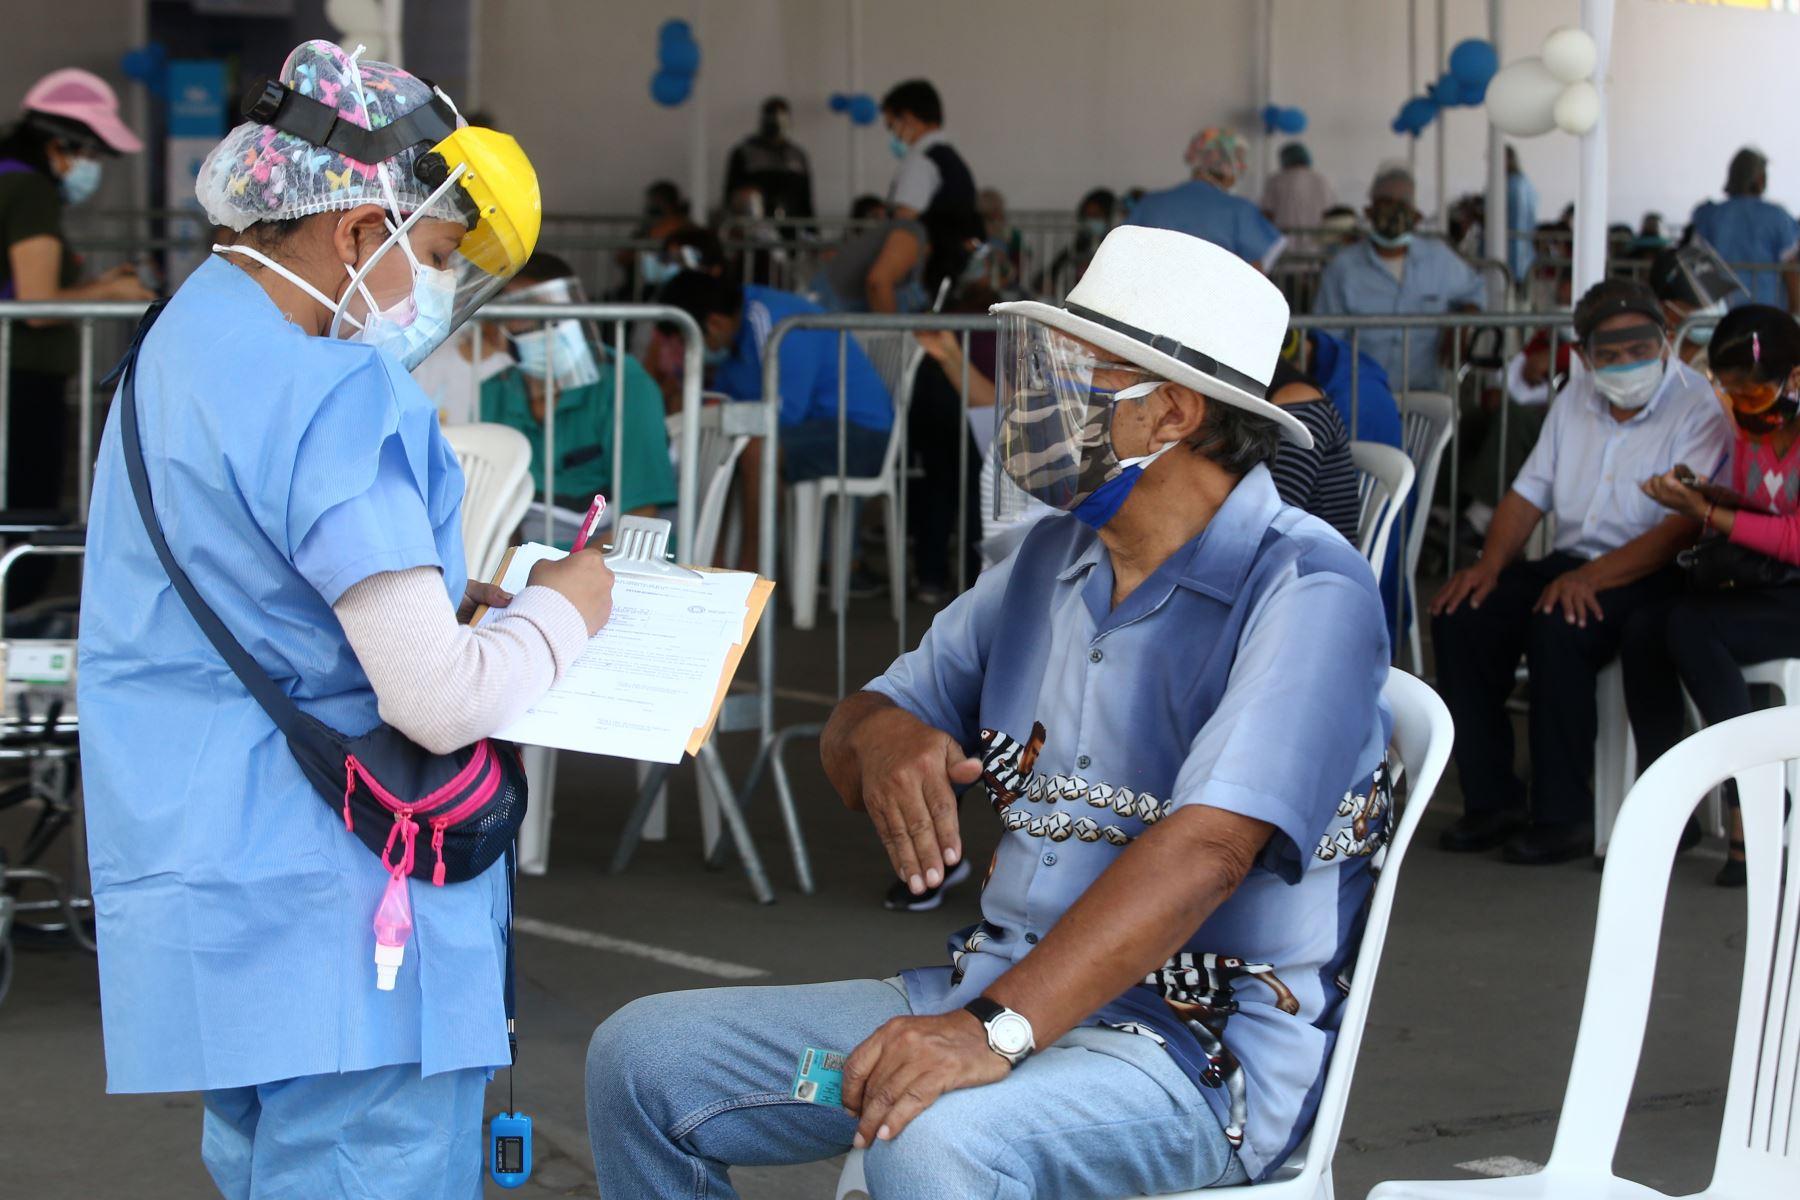 Continúa el proceso de inmunización contra la covid-19 a los adultos mayores de 70 años, que viene desarrollándose en el marco de la estrategia gubernamental de vacunación territorial universal en Plaza Norte de Independencia.  Foto: ANDINA/Vidal Tarqui